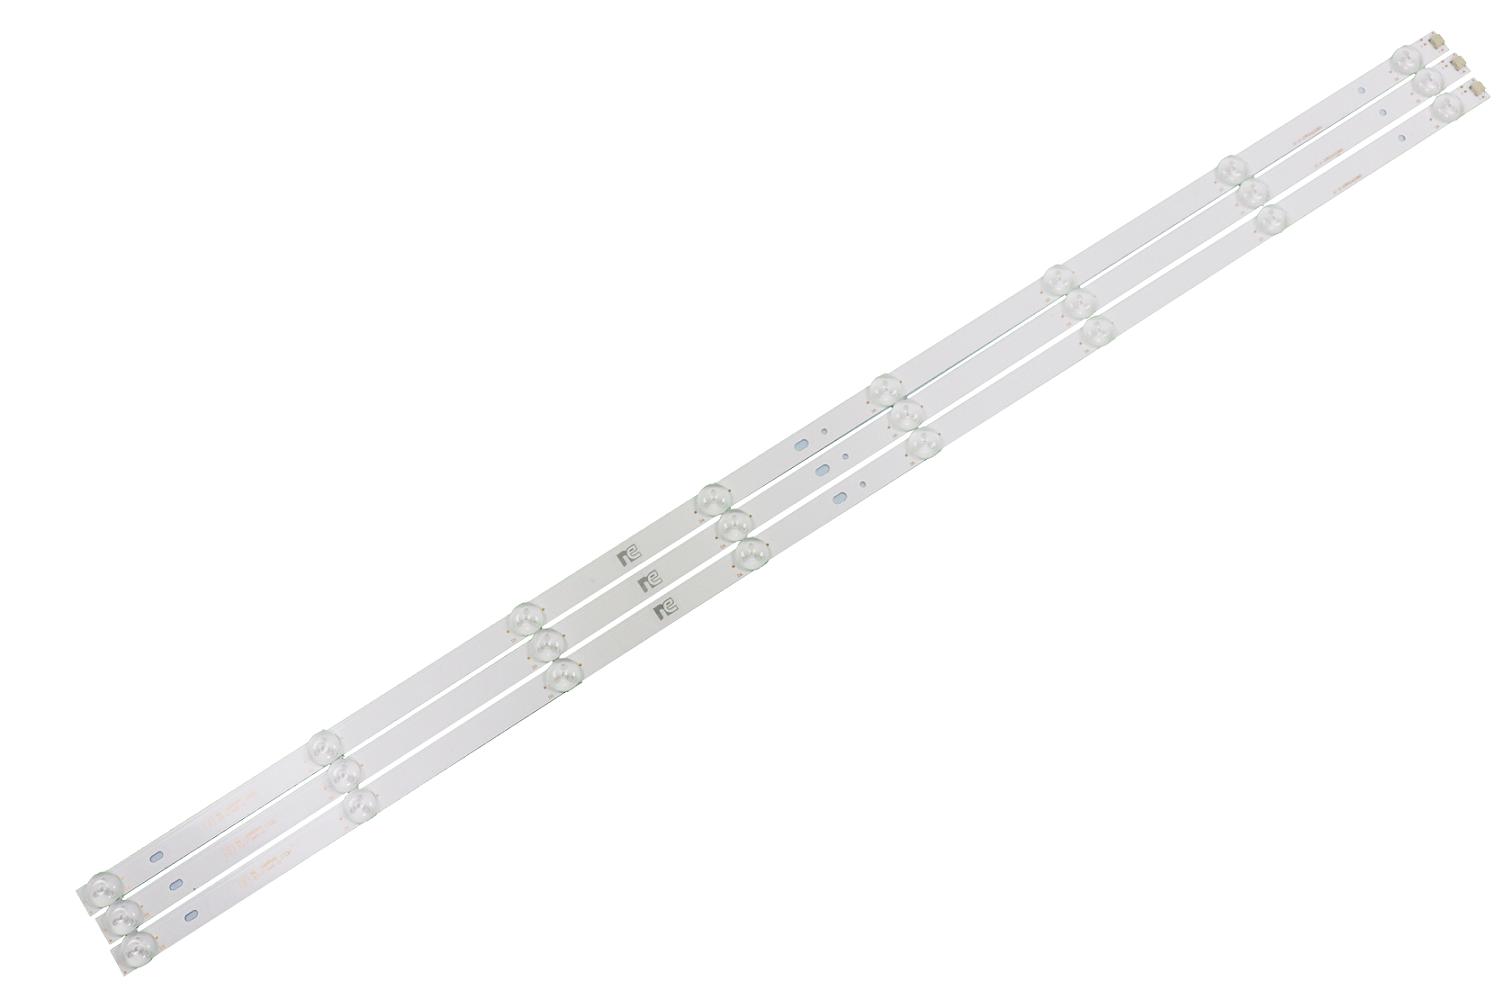 KIT BARRA DE LED PANASONIC TC-40D400B TC-40DS600B TC-40FS600B